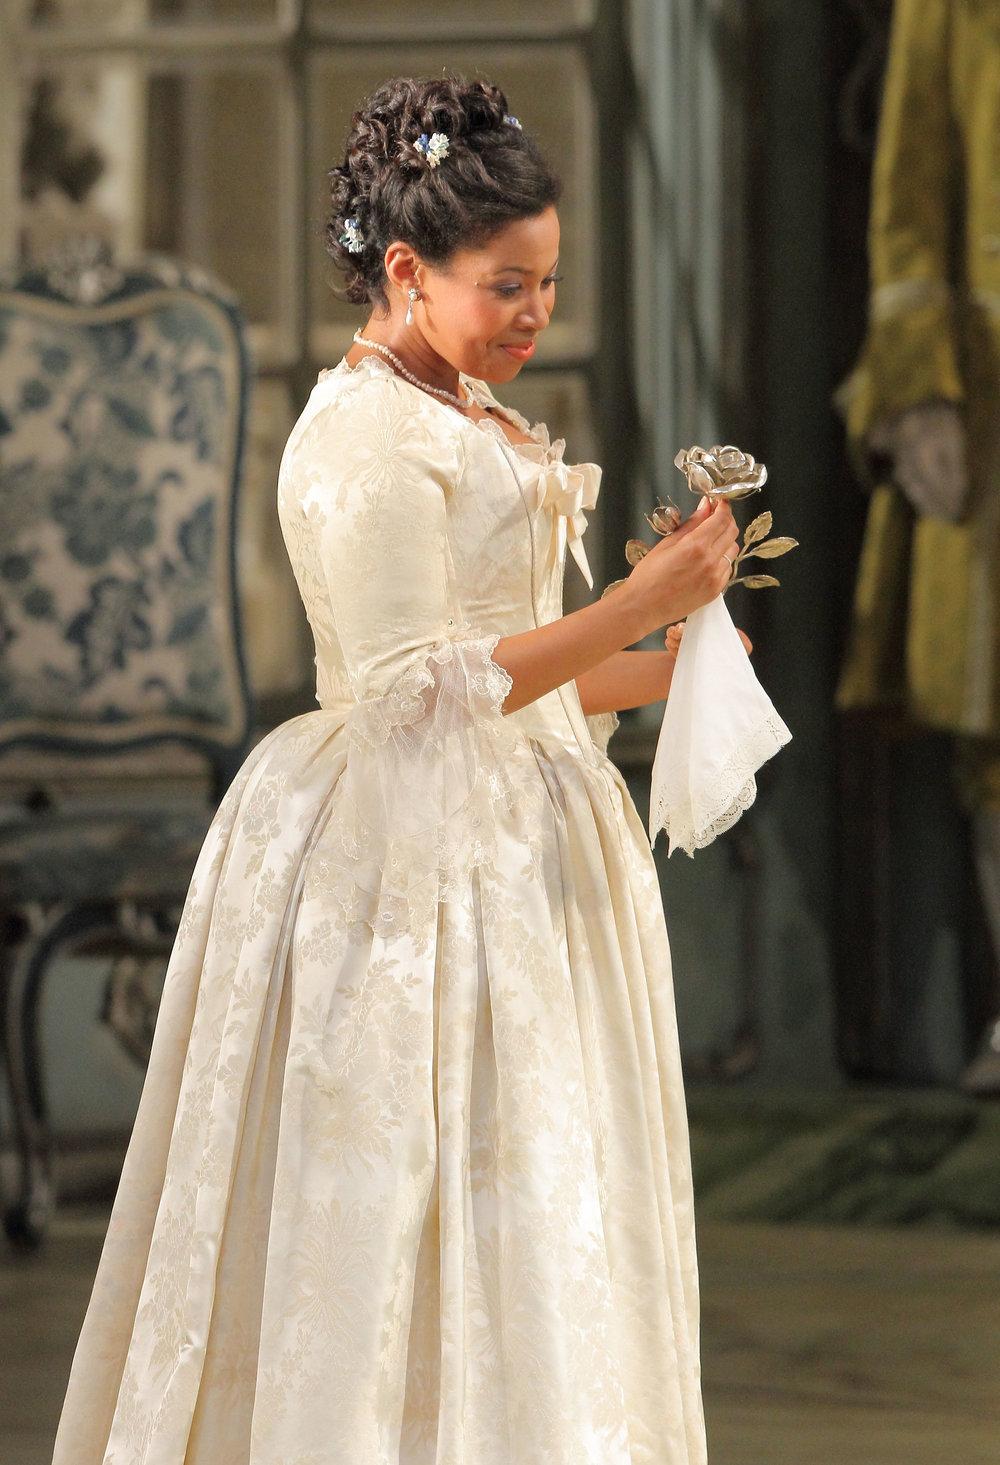 Sophie in  Der Rosenkavalier  at Bayerische Staatsoper Opernfestspiele